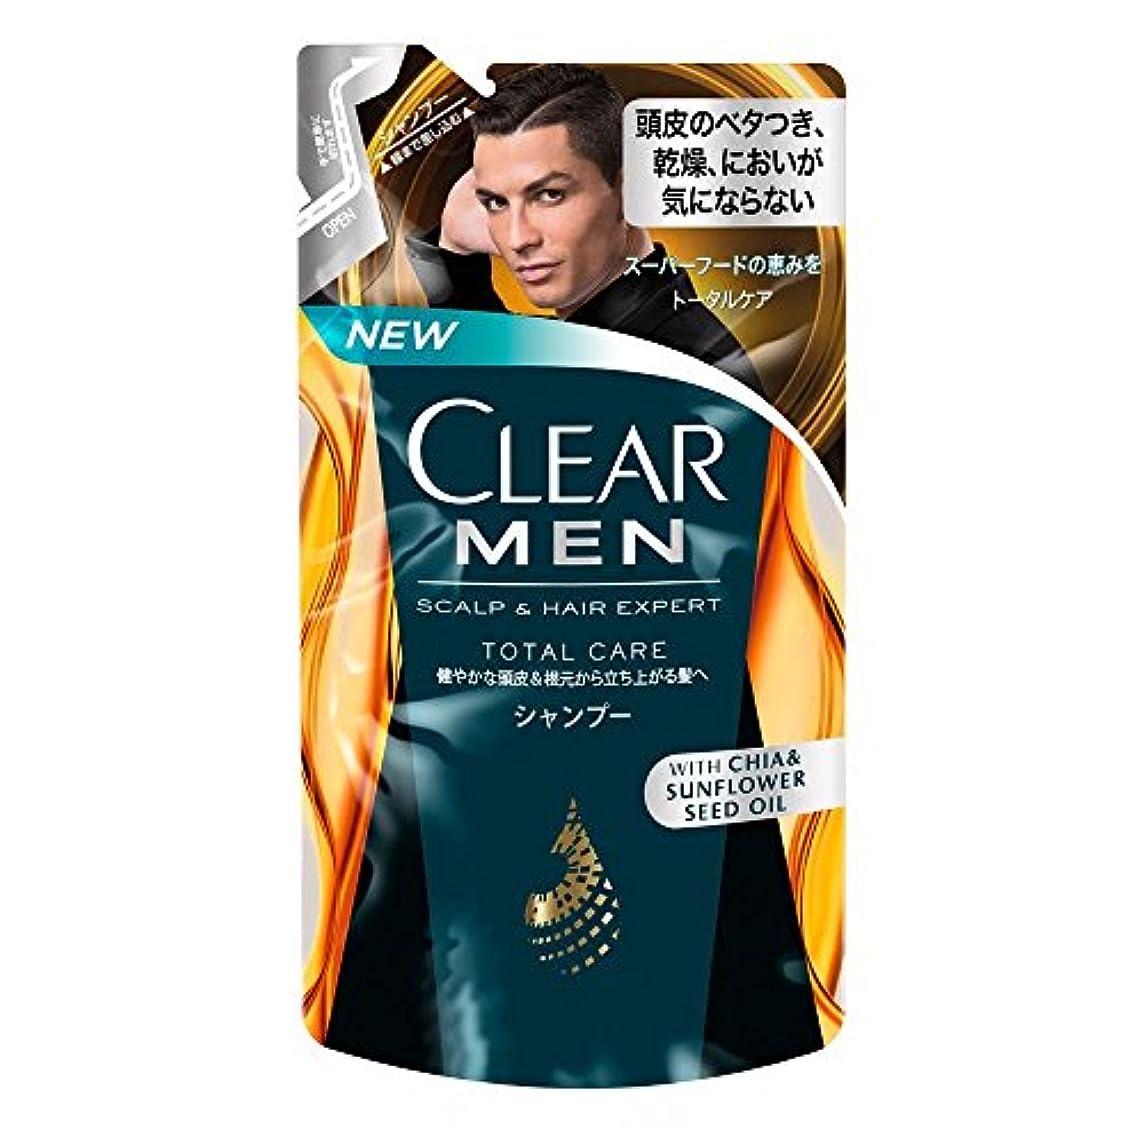 冷酷な葉っぱ開梱クリア フォーメン トータルケア 男性用シャンプー つめかえ用 (健やかな頭皮へ) 280g × 2個